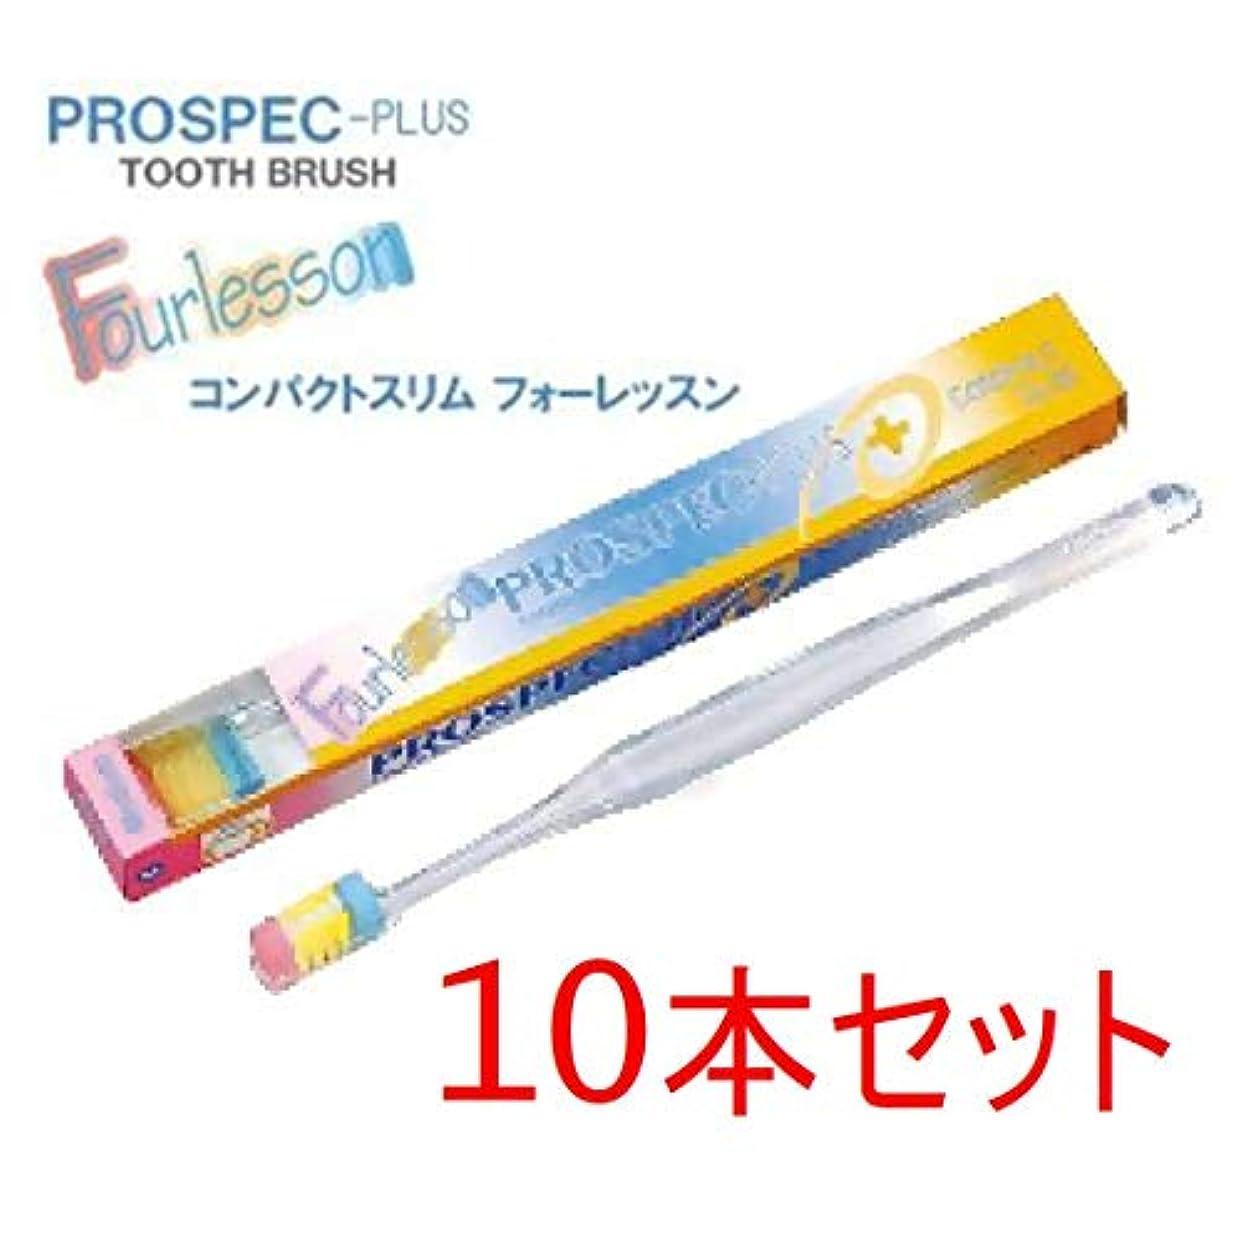 ゼリー再編成するブロックするプロスペック 歯ブラシ コンパクトスリム 10本 フォーレッスン 毛の硬さ ふつう